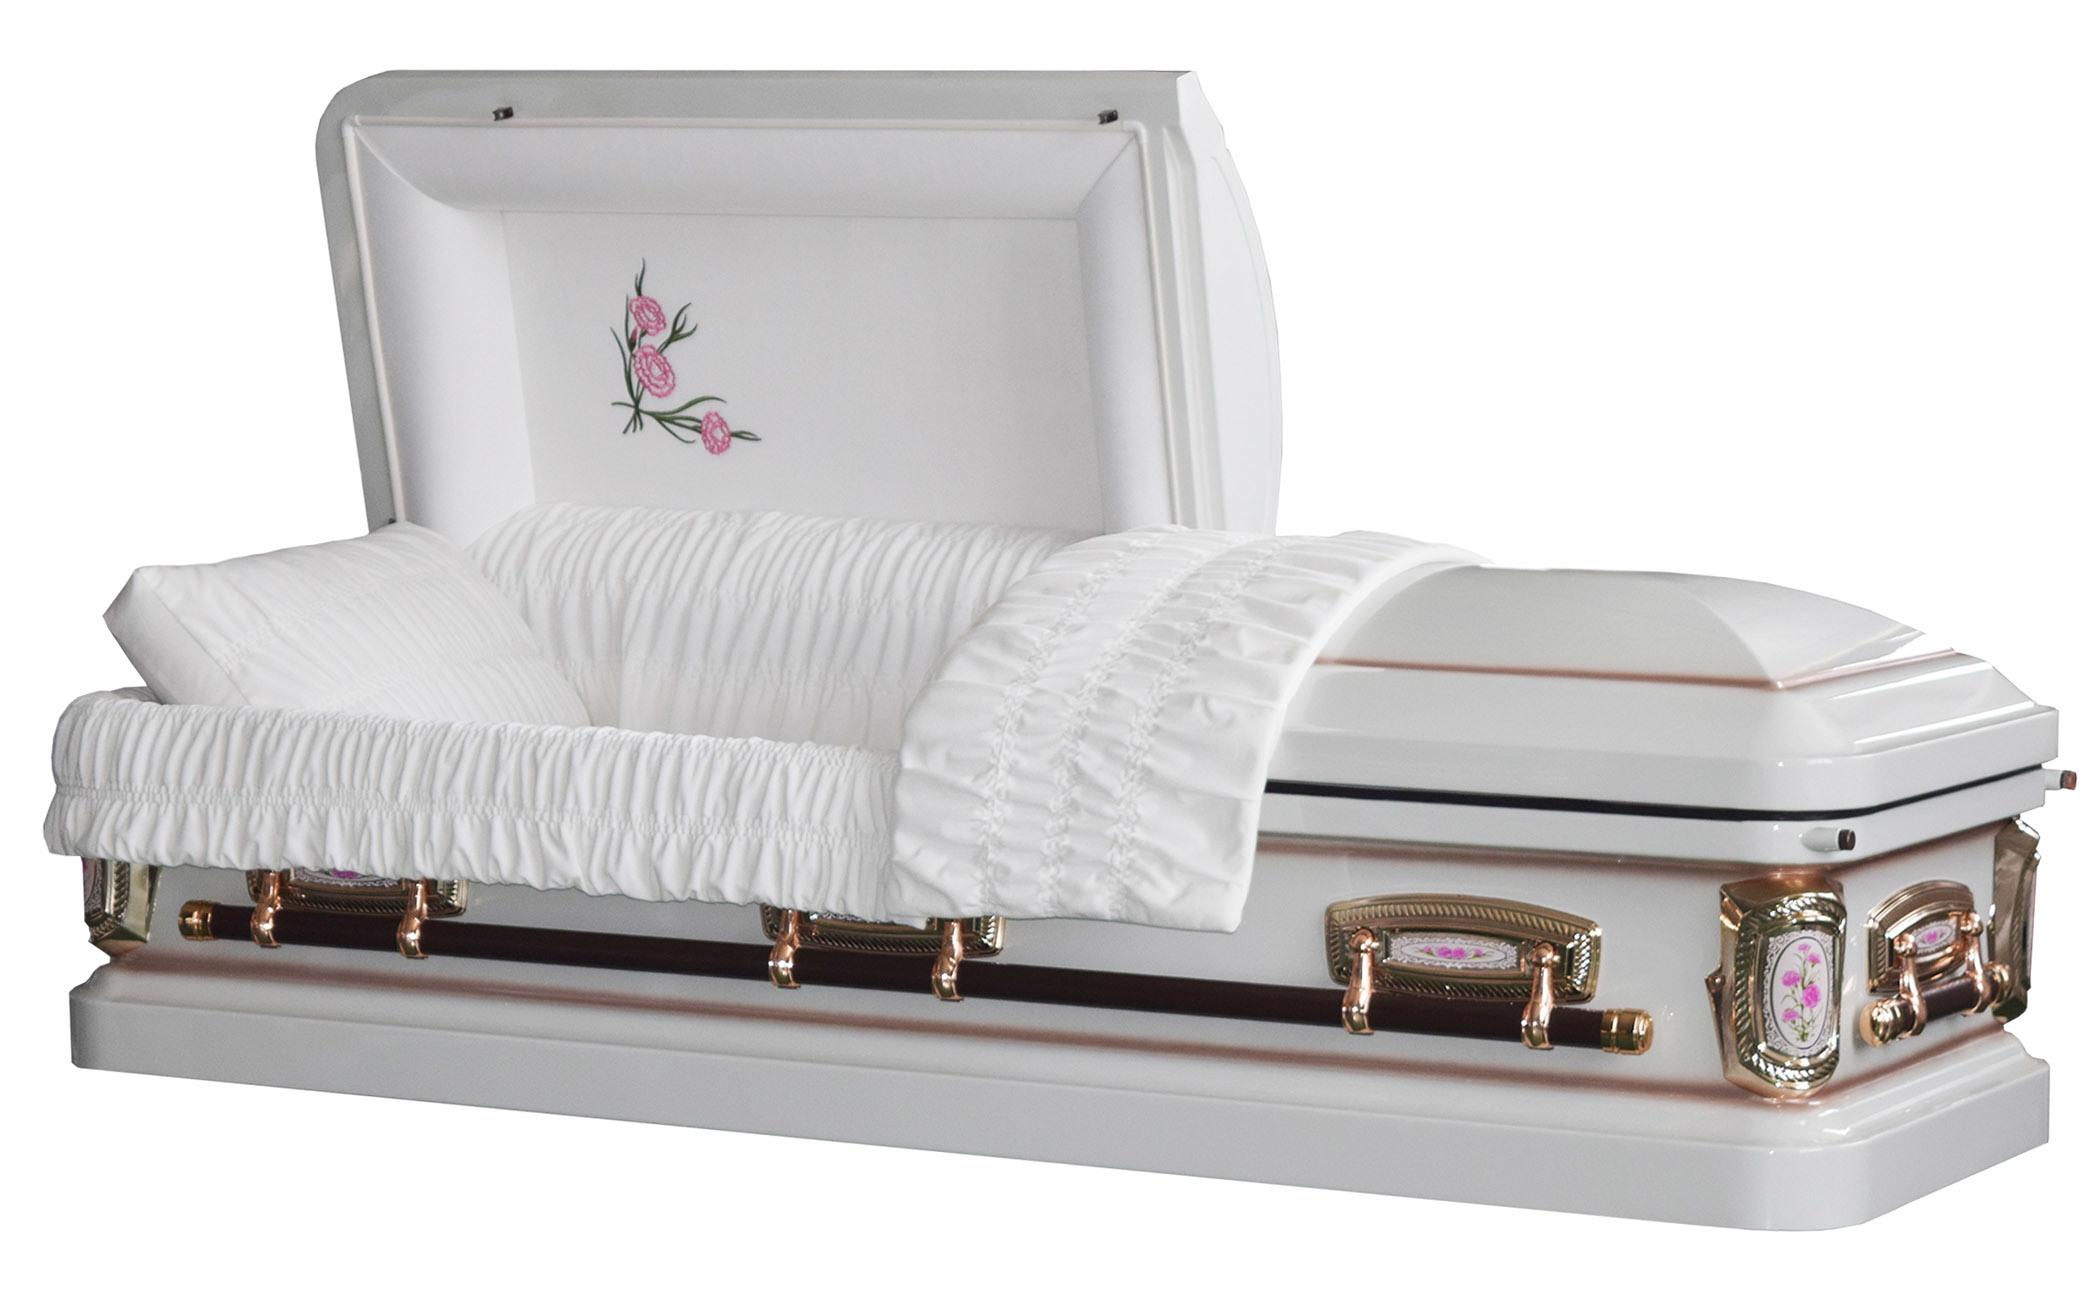 18 Ga Steel Primrose Casket for USA Market Funeral Casket